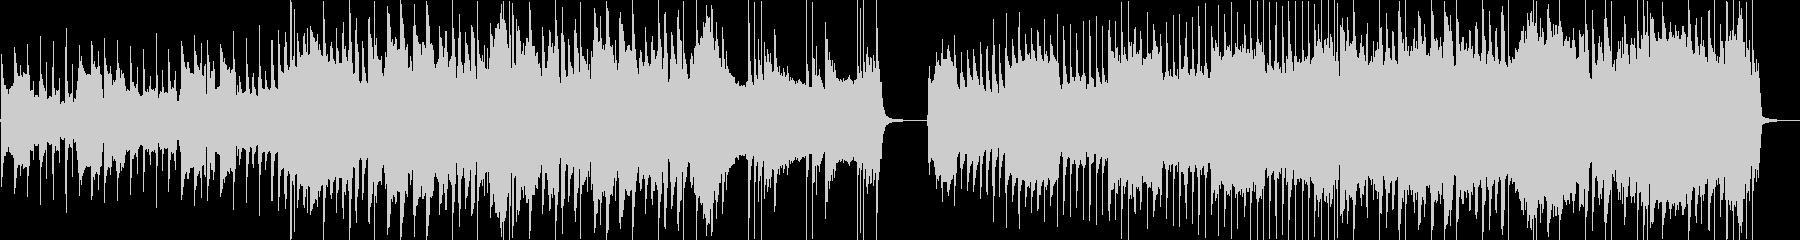 脈動する低音の安定した溝付きドラム...の未再生の波形